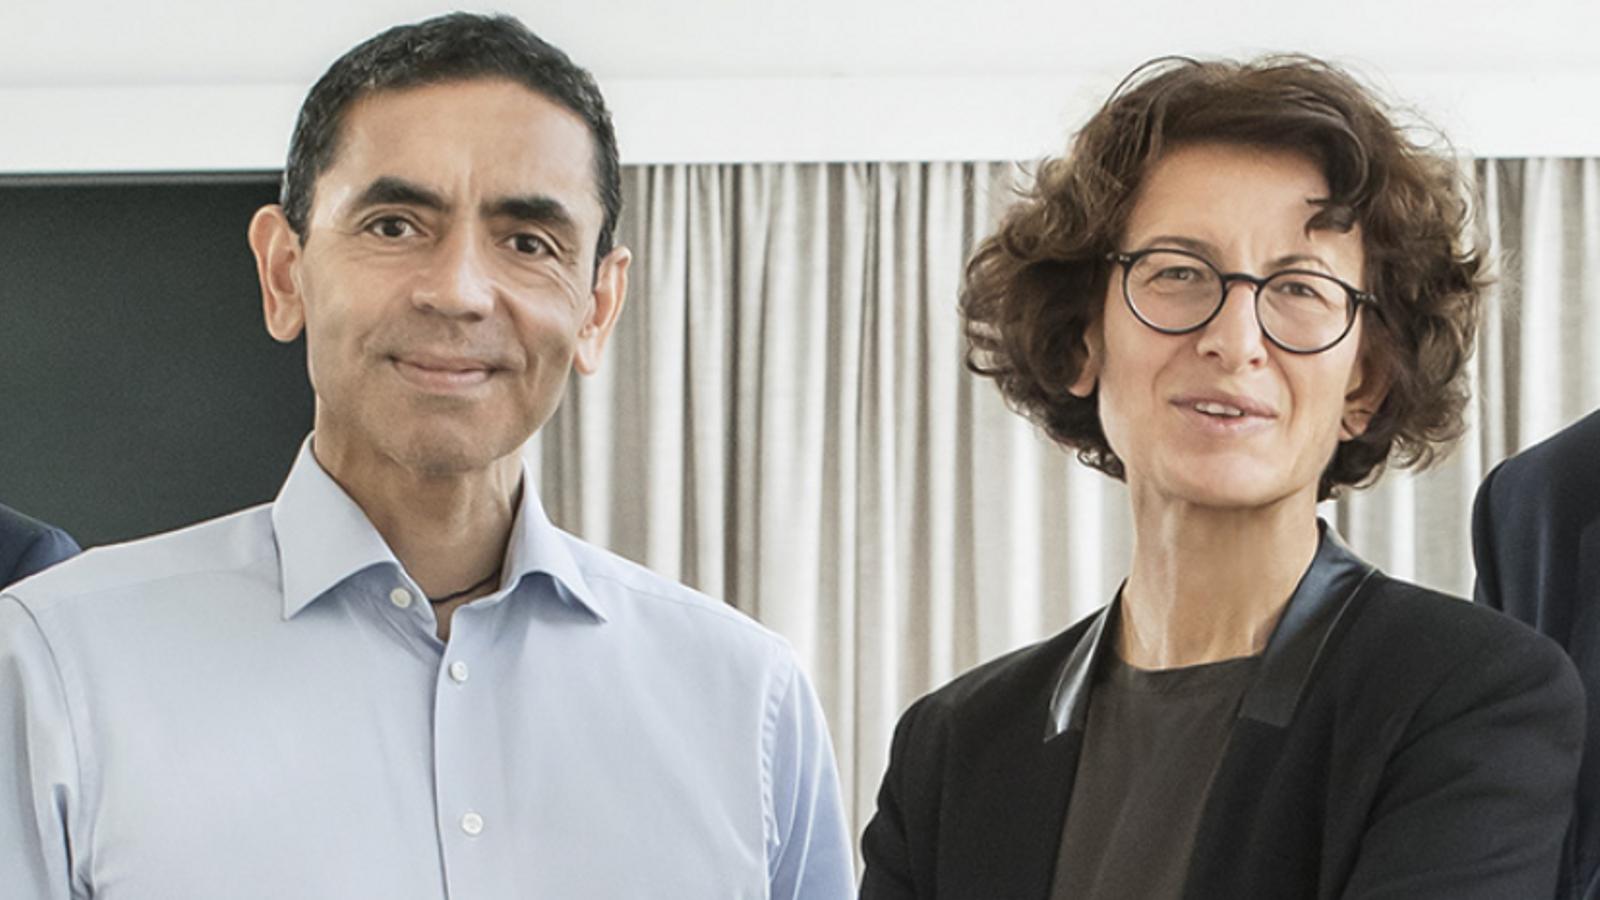 Uğur Şahin i Özlem Türeci, els pares turcoalemanys de la vacuna més esperançadora contra el covid-19